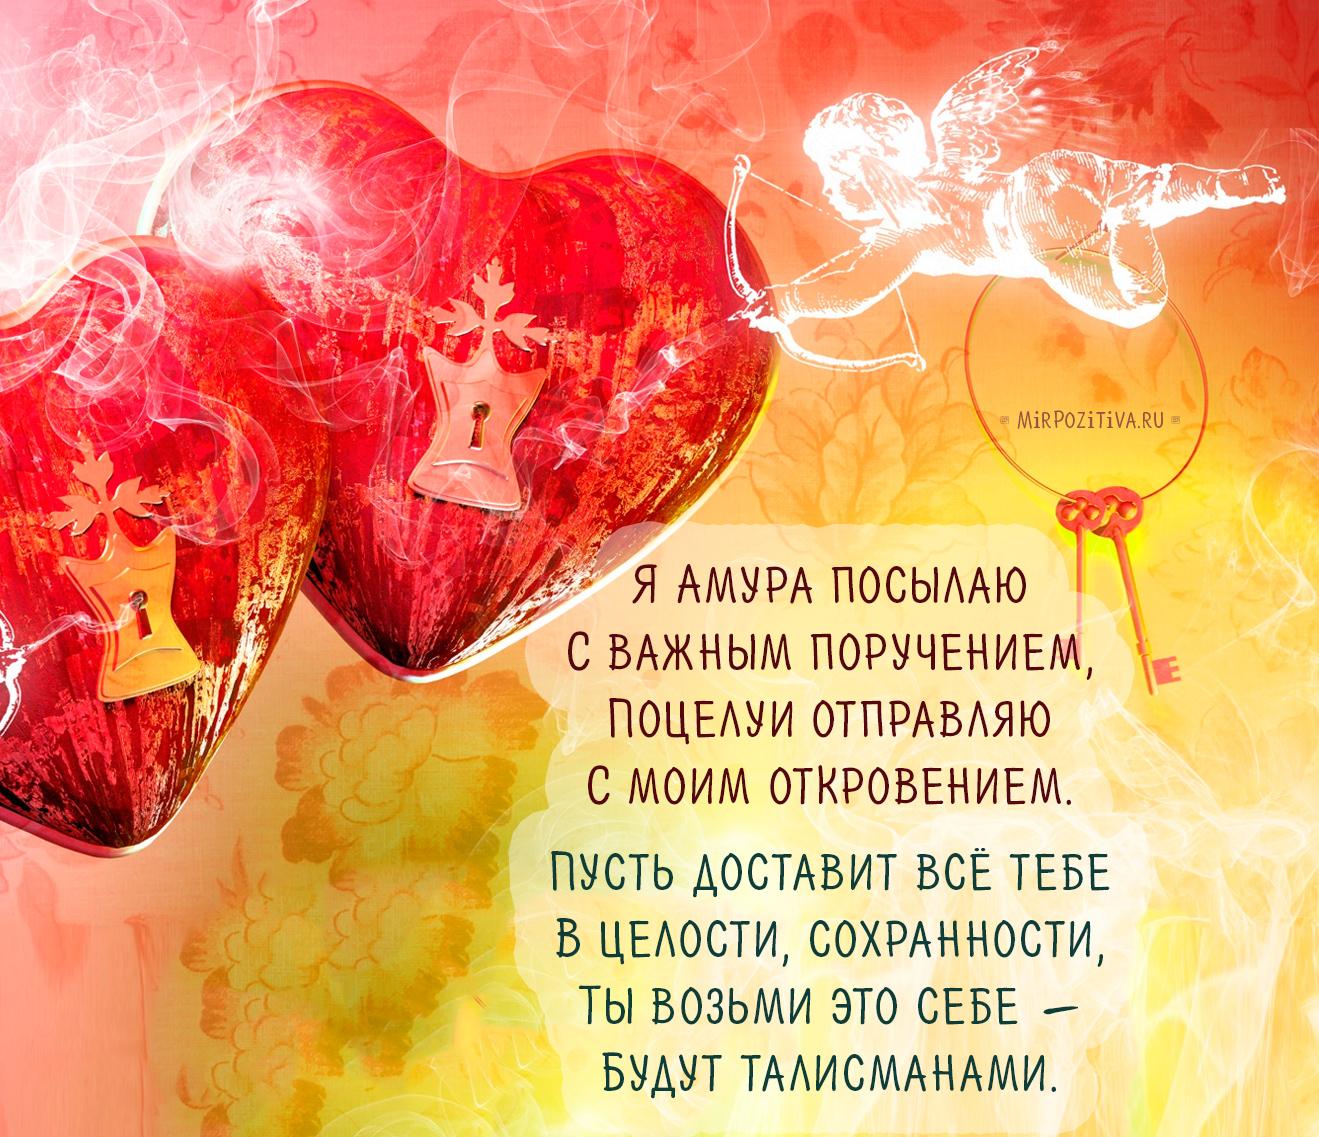 Я Амура посылаю С важным поручением, Поцелуи отправляю С моим откровением.